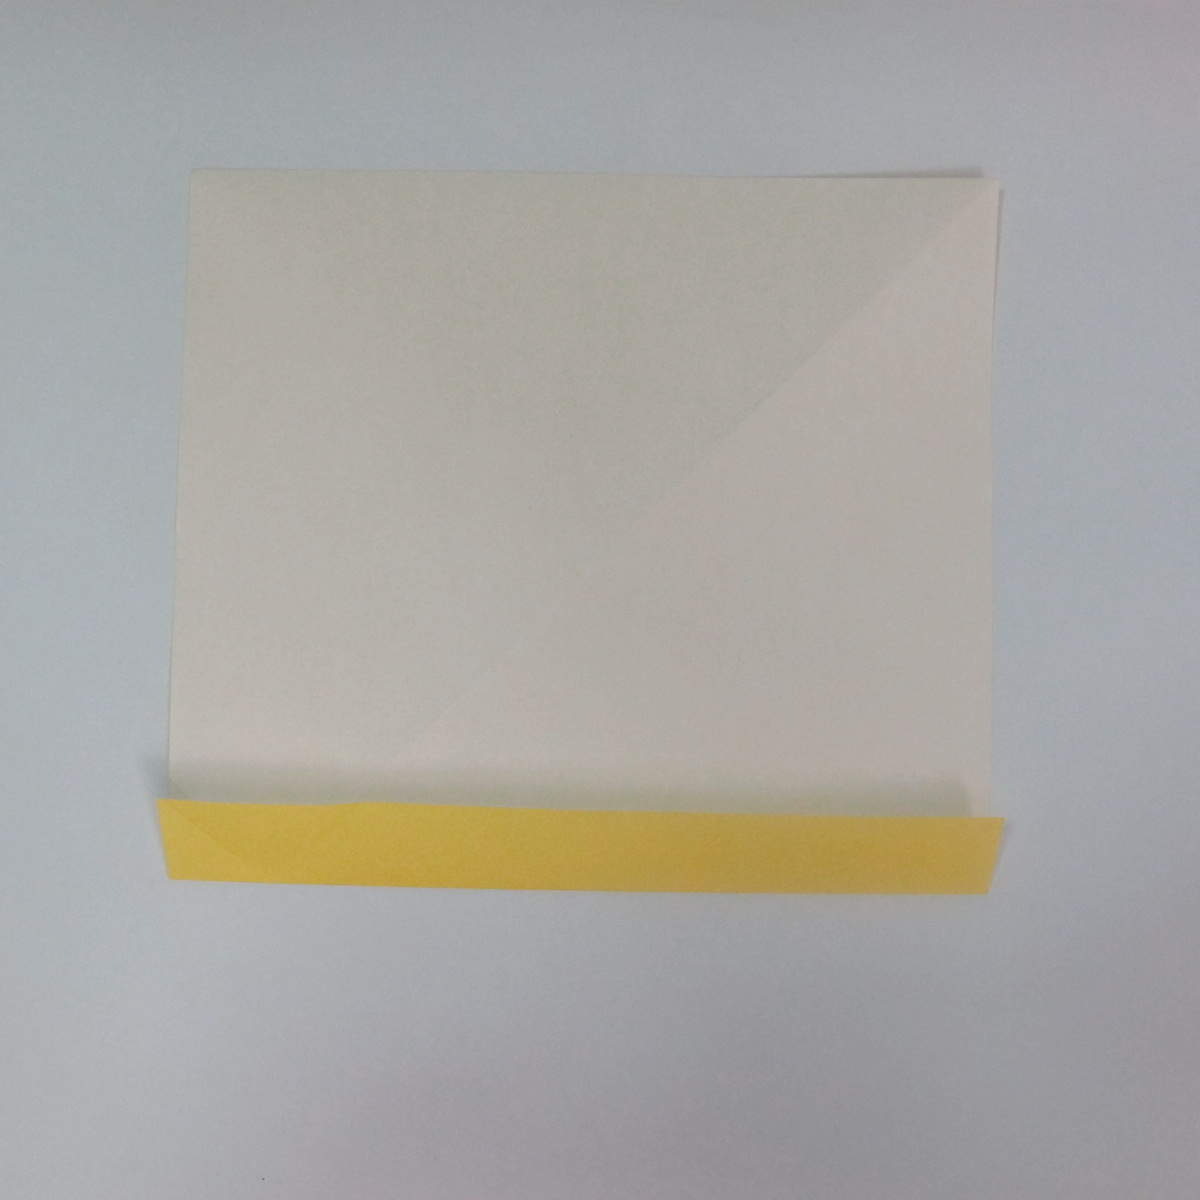 สอนวิธีพับกระดาษเป็นรูปลูกสุนัขยืนสองขา แบบของพอล ฟราสโก้ (Down Boy Dog Origami) 011